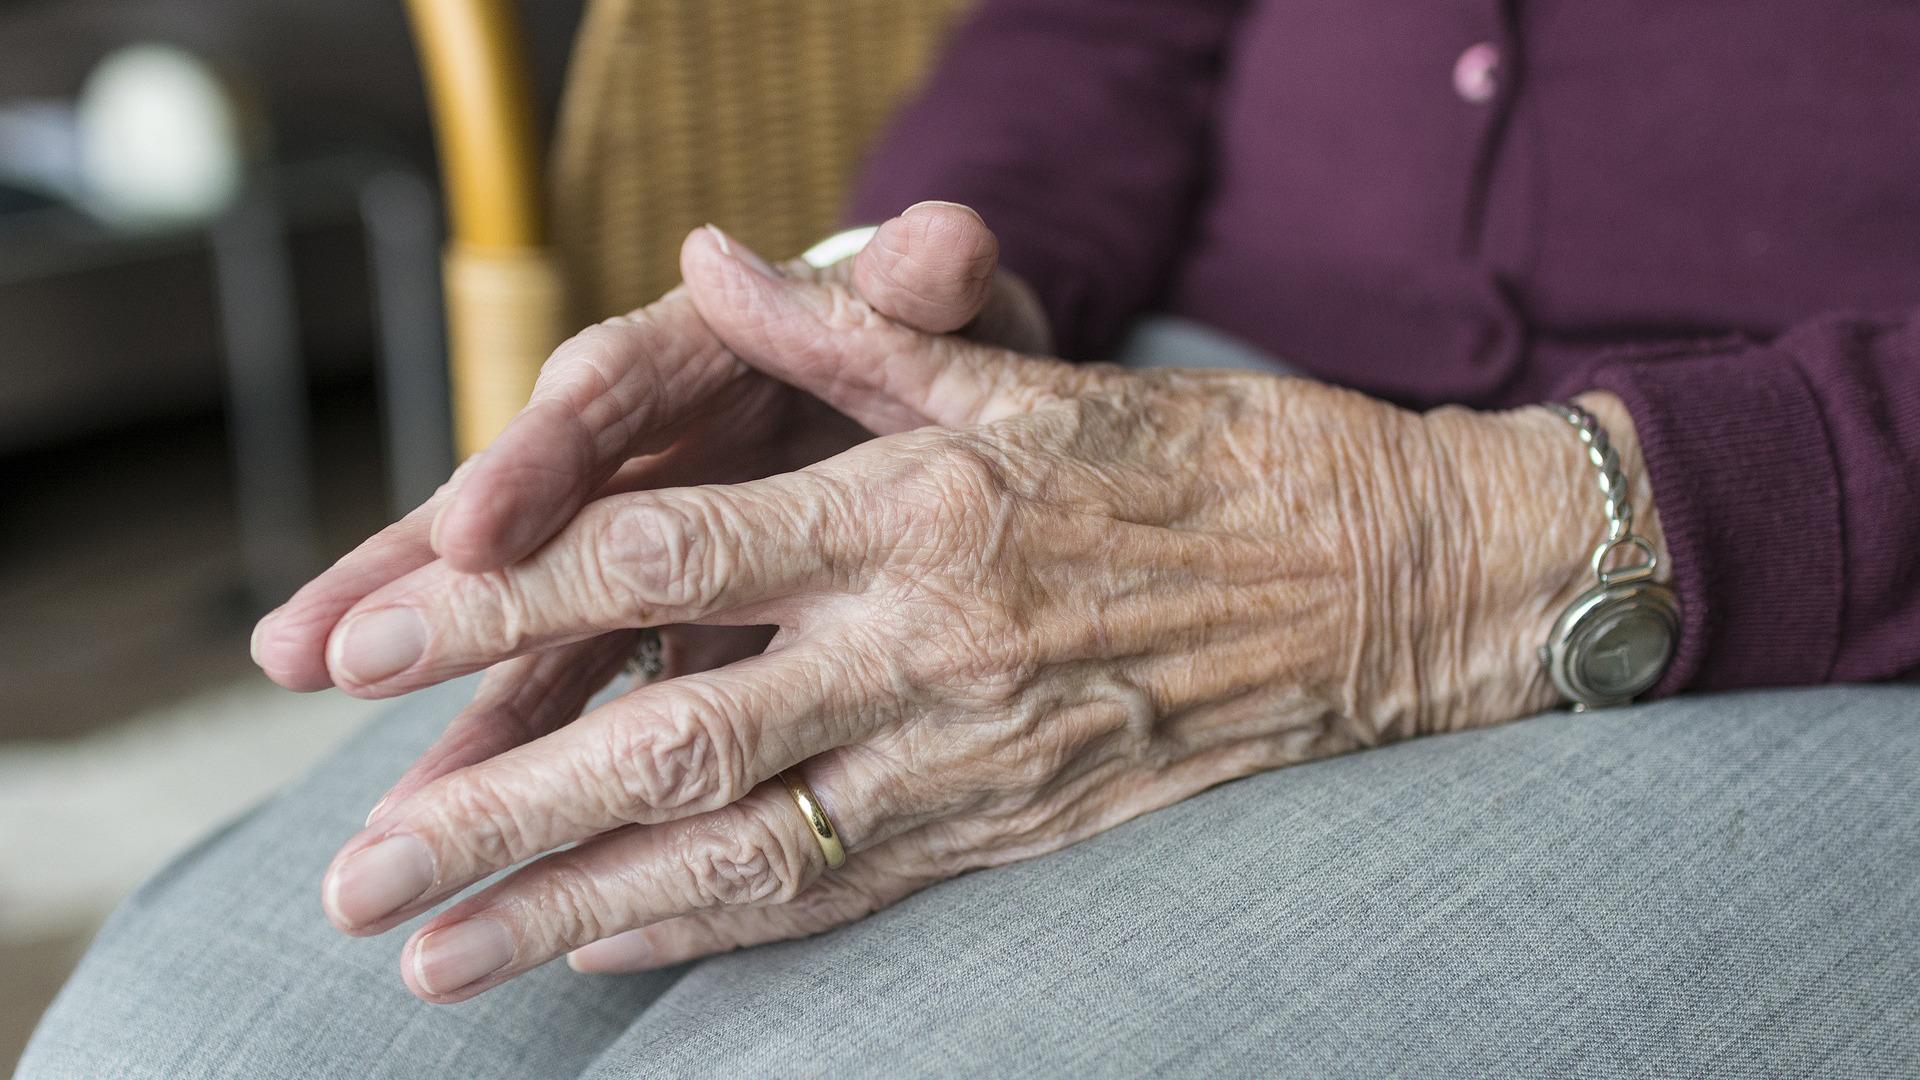 el-decalogo-imprescindible-para-un-buen-cuidado-de-personas-mayores-y-dependientes-1920